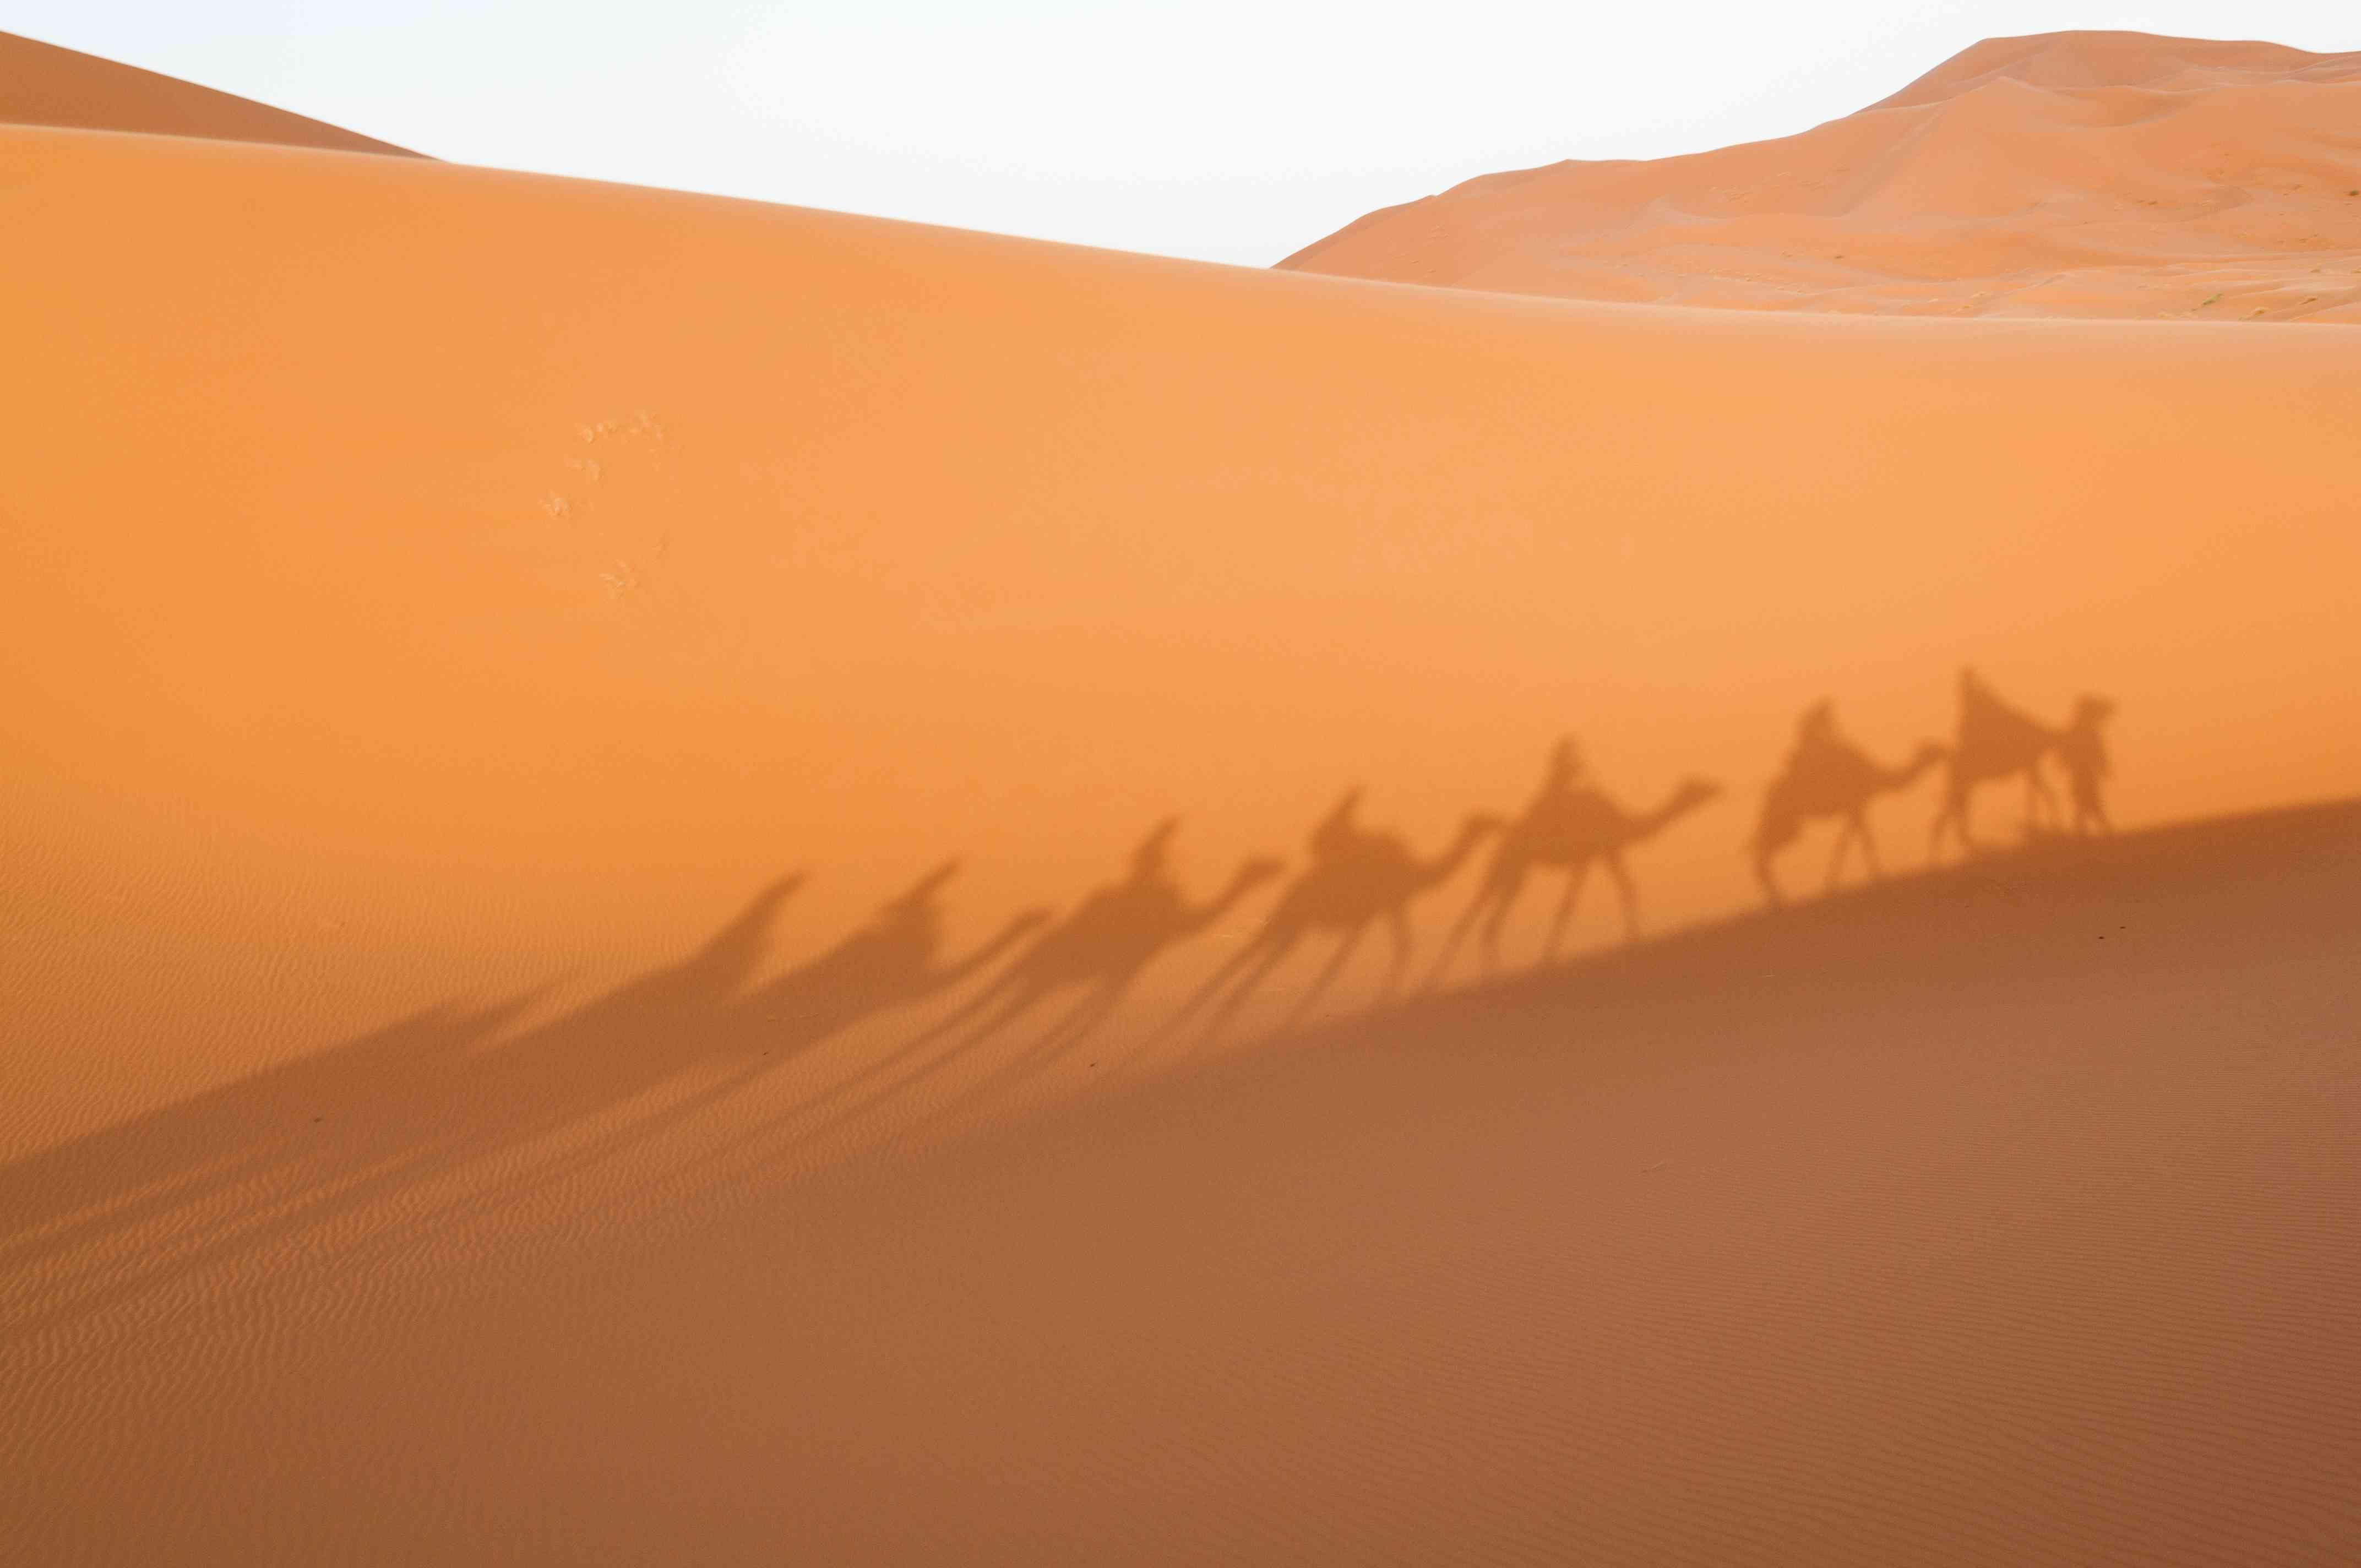 Shadows of a camel caravan across the Sahara Desert